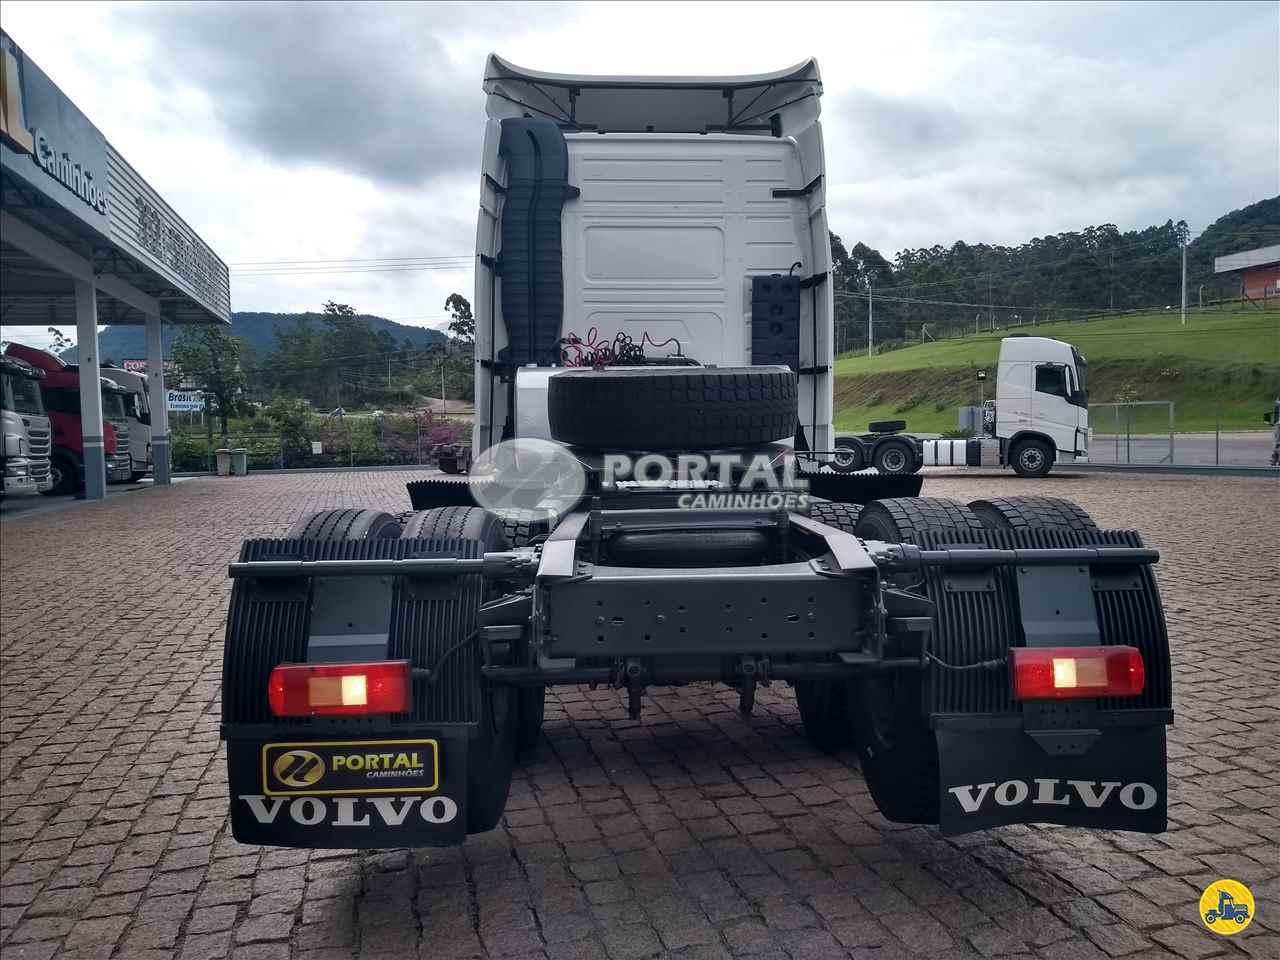 VOLVO VOLVO FH 460 1063000km 2014/2014 Portal Caminhões